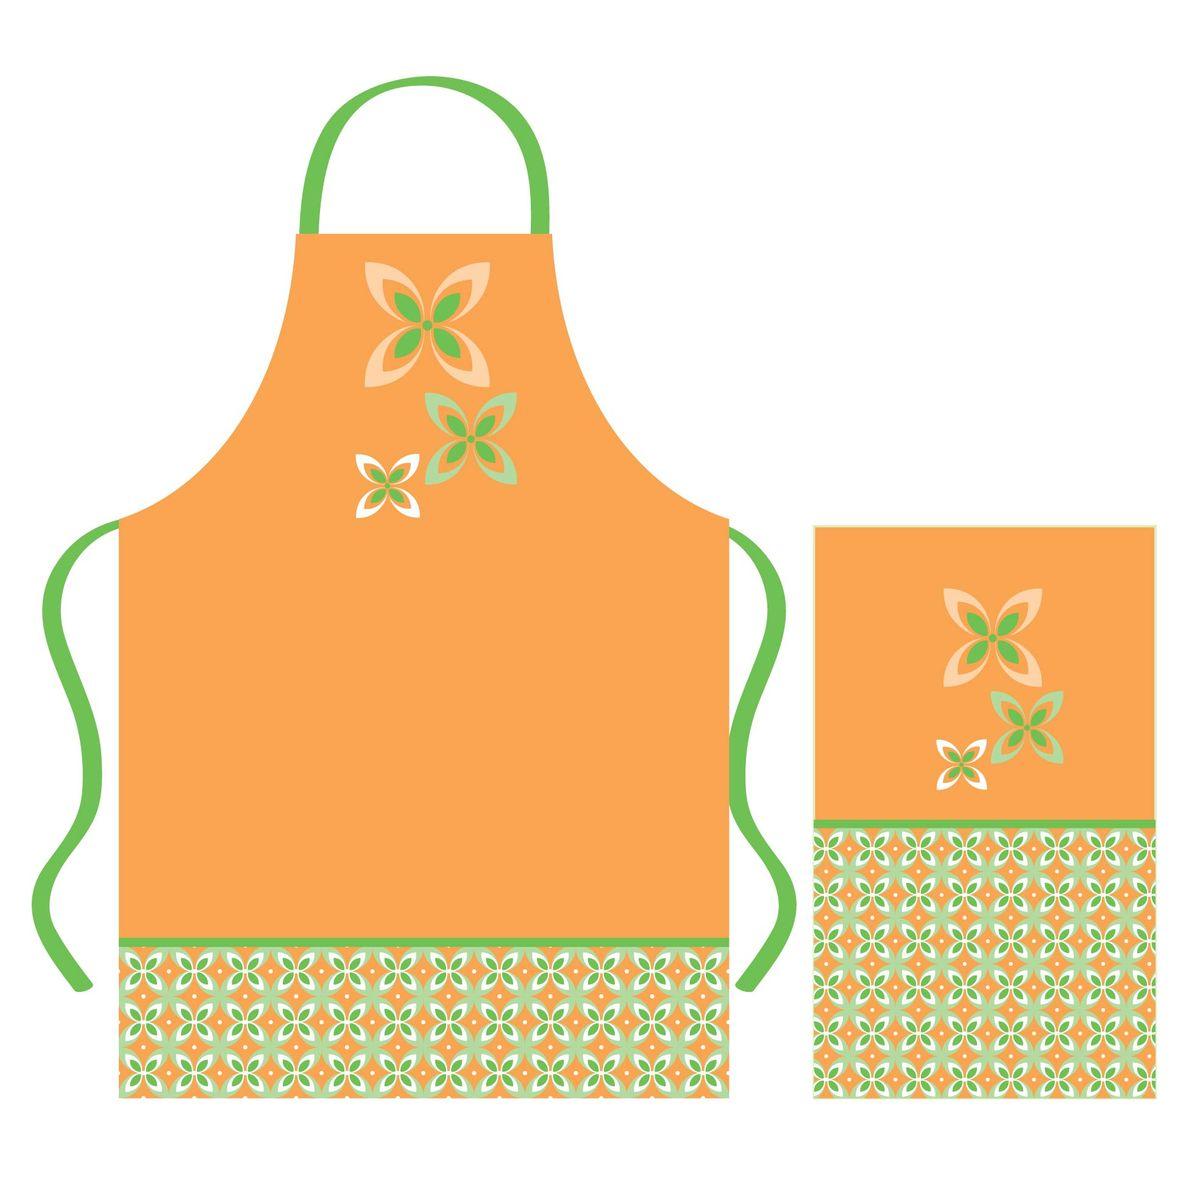 """Набор кухонного текстиля Home Queen """"Cooking time"""", состоящий из фартука и полотенца, выполнен из 100% хлопка и украшен оригинальным принтом.  Фартук на завязках вокруг талии. Такой набор украсит интерьер вашей кухни и внесет яркую ноту в повседневные заботы."""